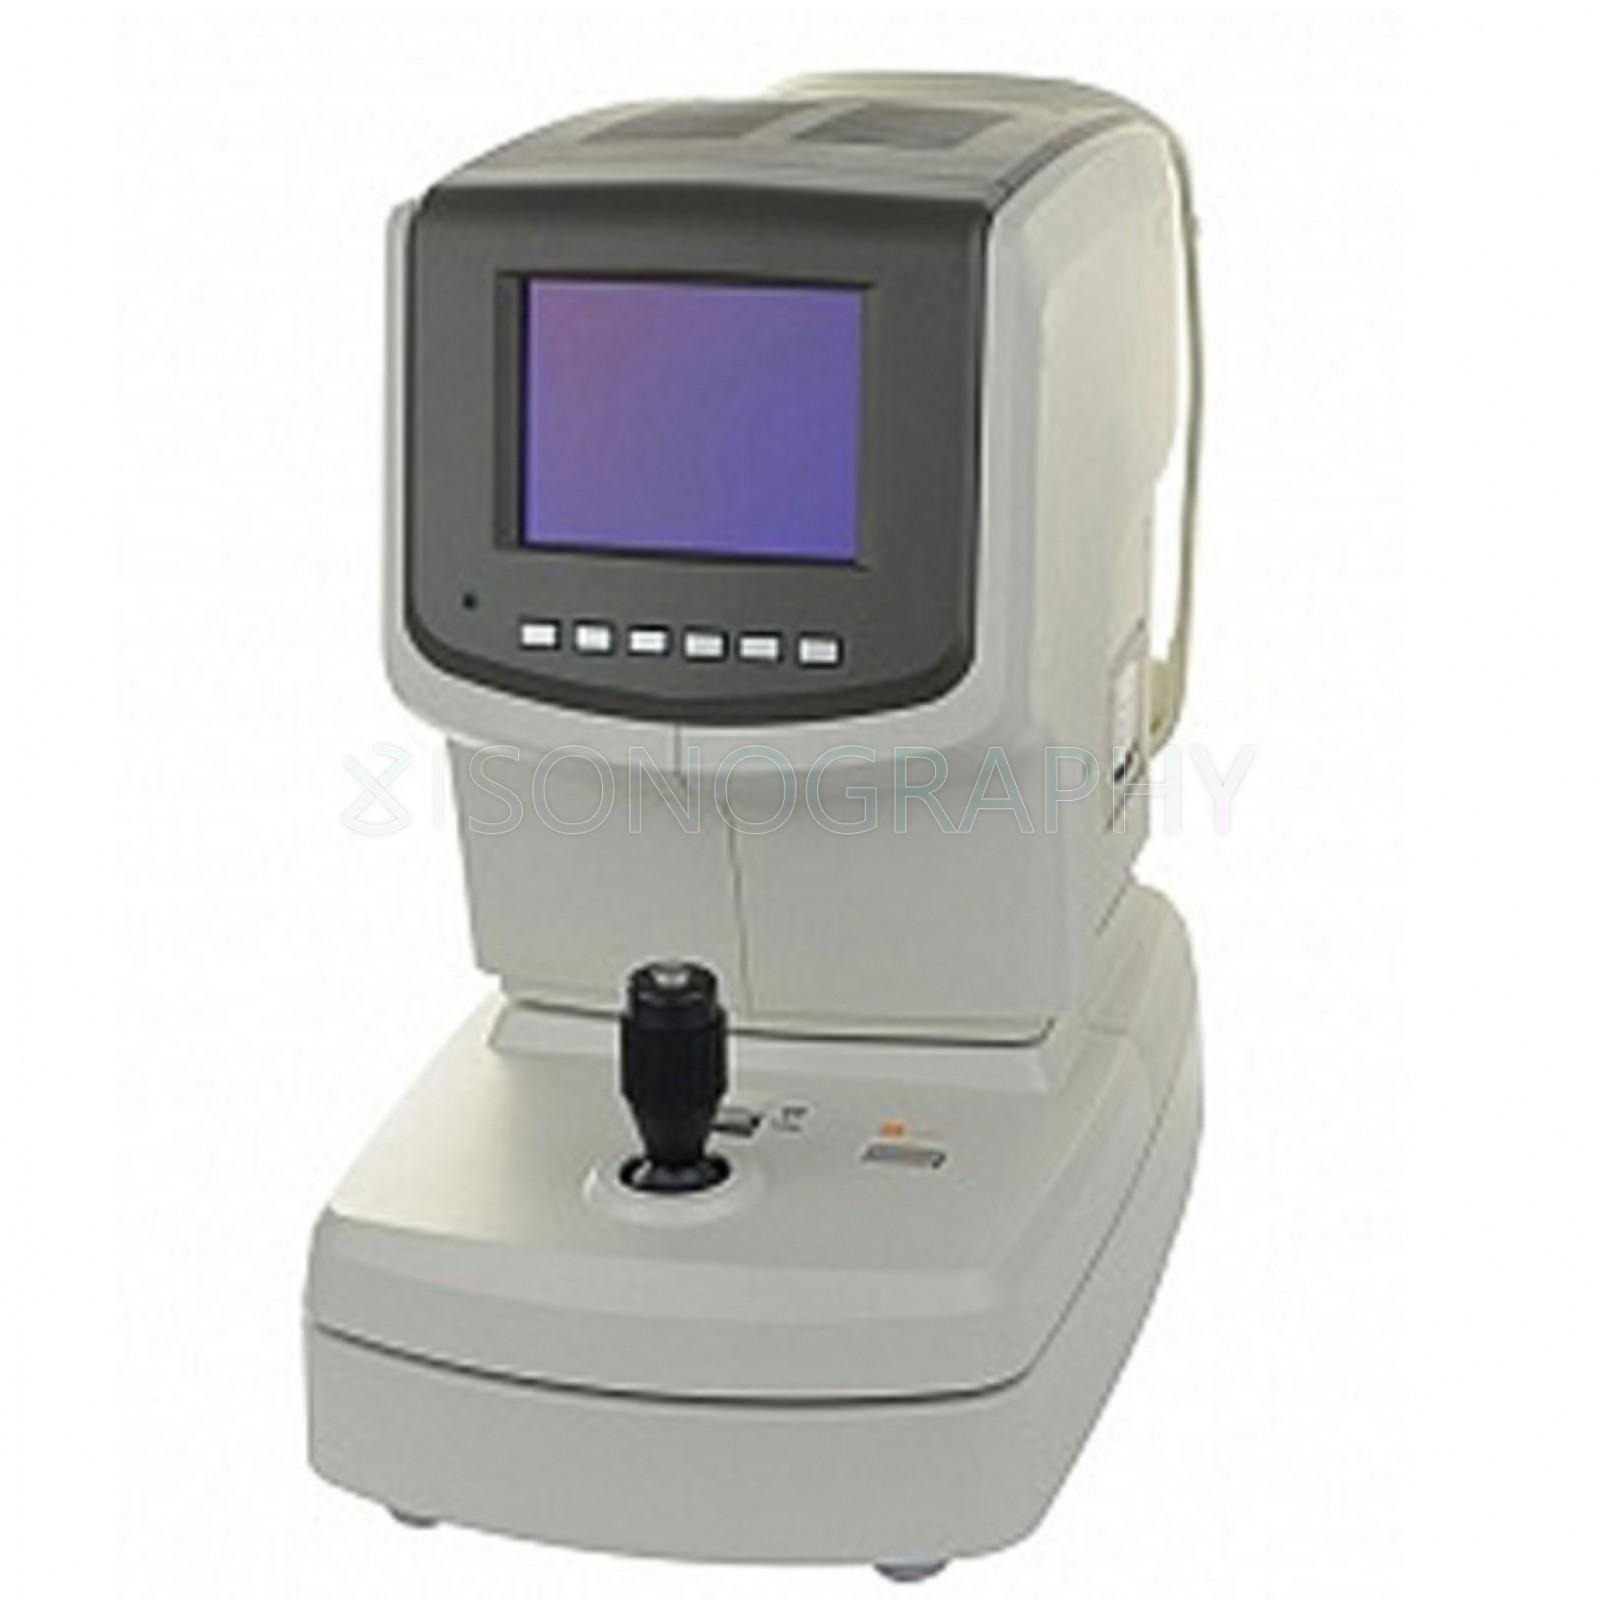 Dixion VZOR-9000